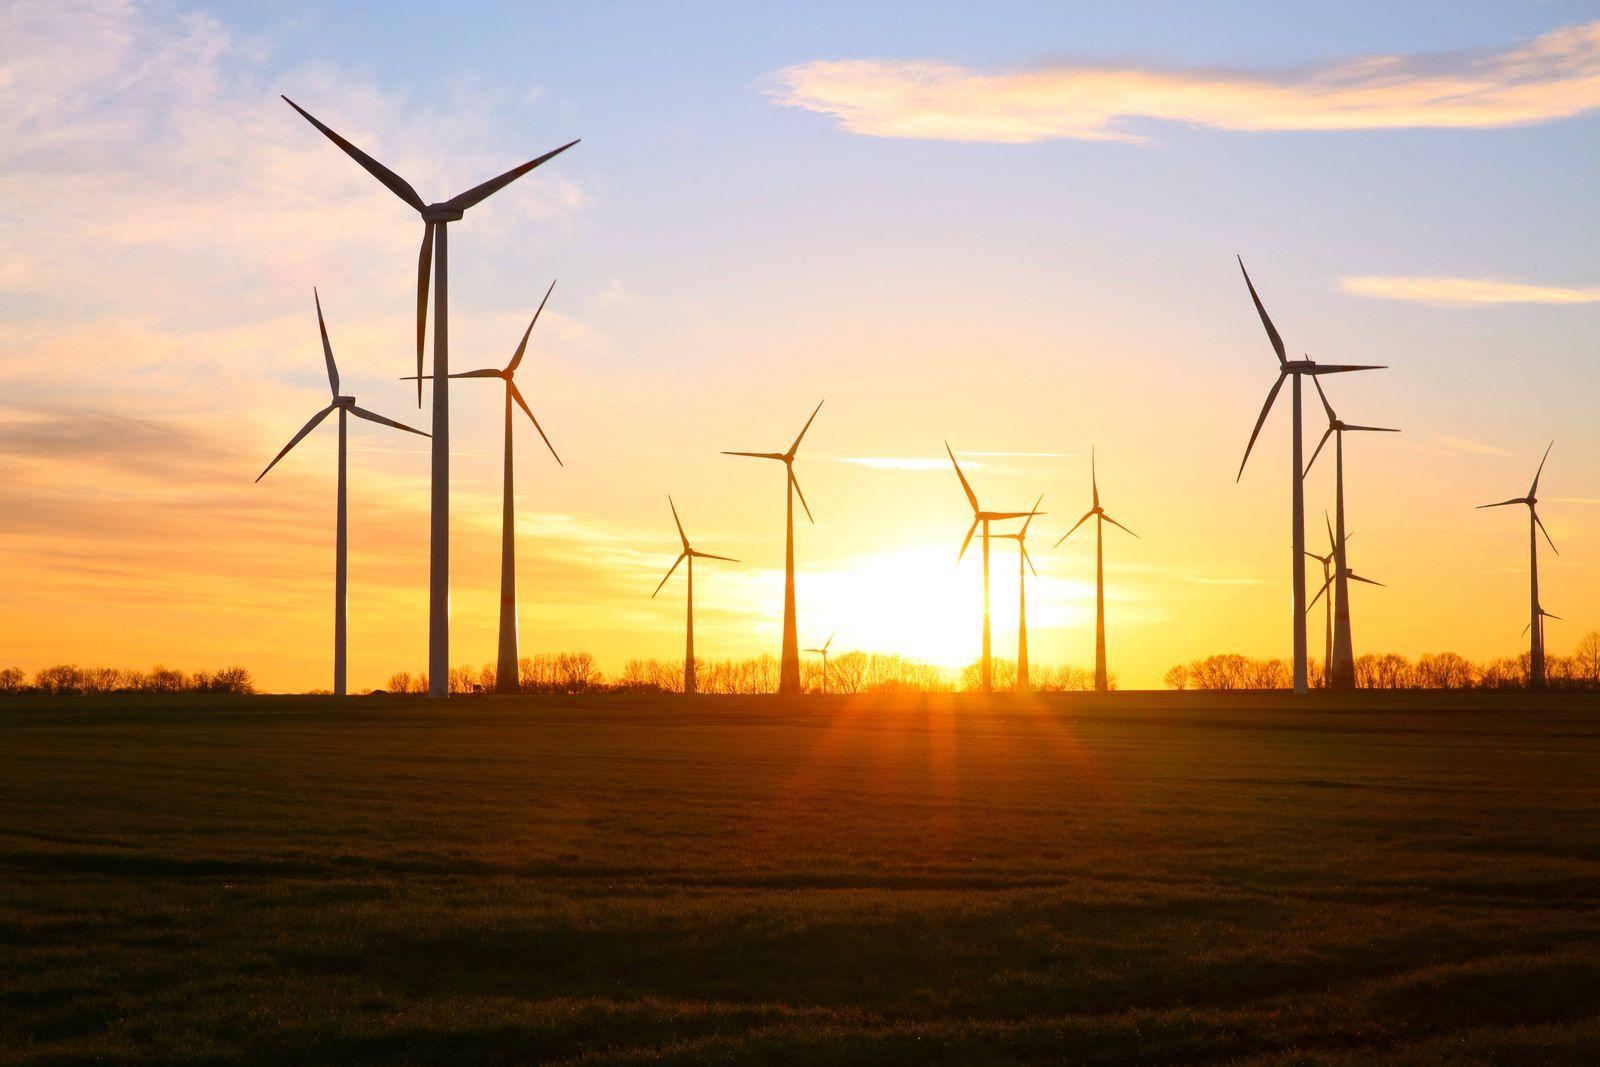 Blick am Freitag (18.12.2020) auf den Windpark Grapzow nahe der Stadt Altentreptow (Landkreis Mecklenburgische Seenplatt